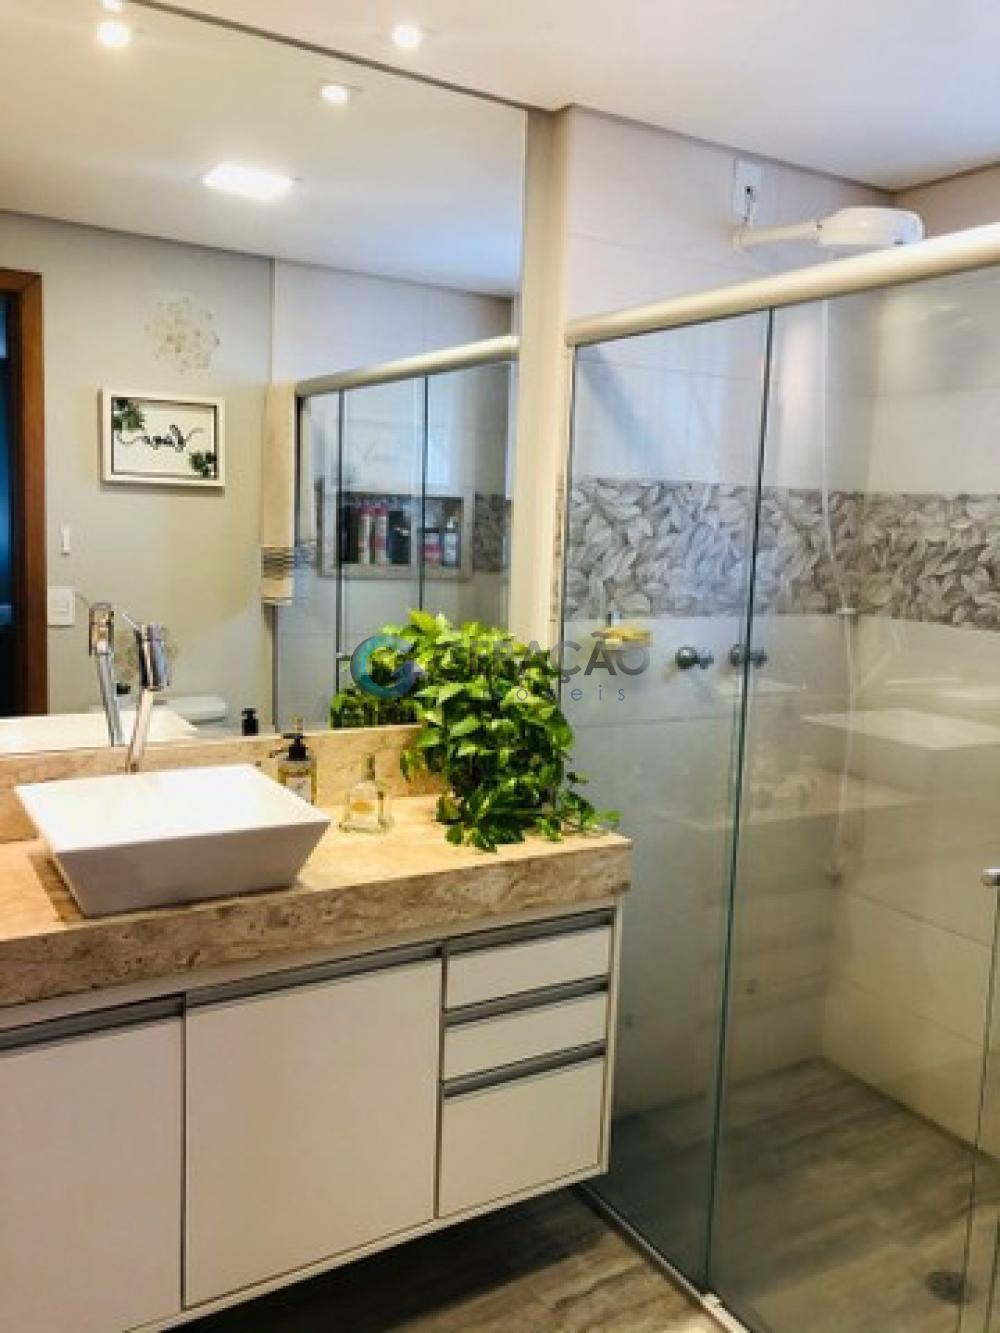 Comprar Apartamento / Padrão em São José dos Campos R$ 756.000,00 - Foto 4